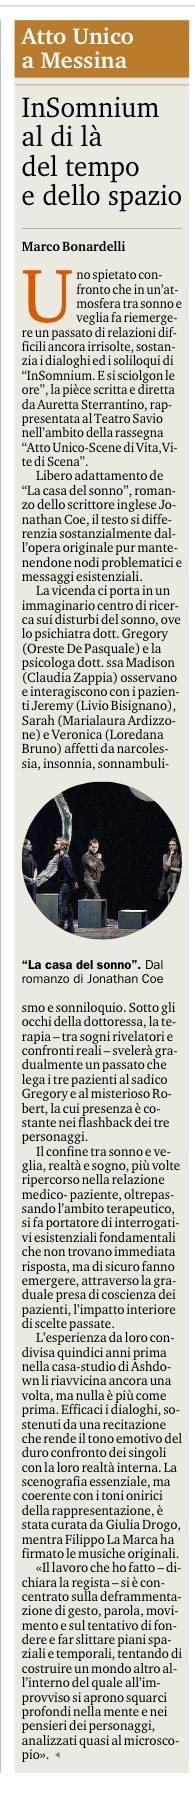 INSOMNIUM - Recensione Bonardelli Gazzetta del Sud 18.12.15